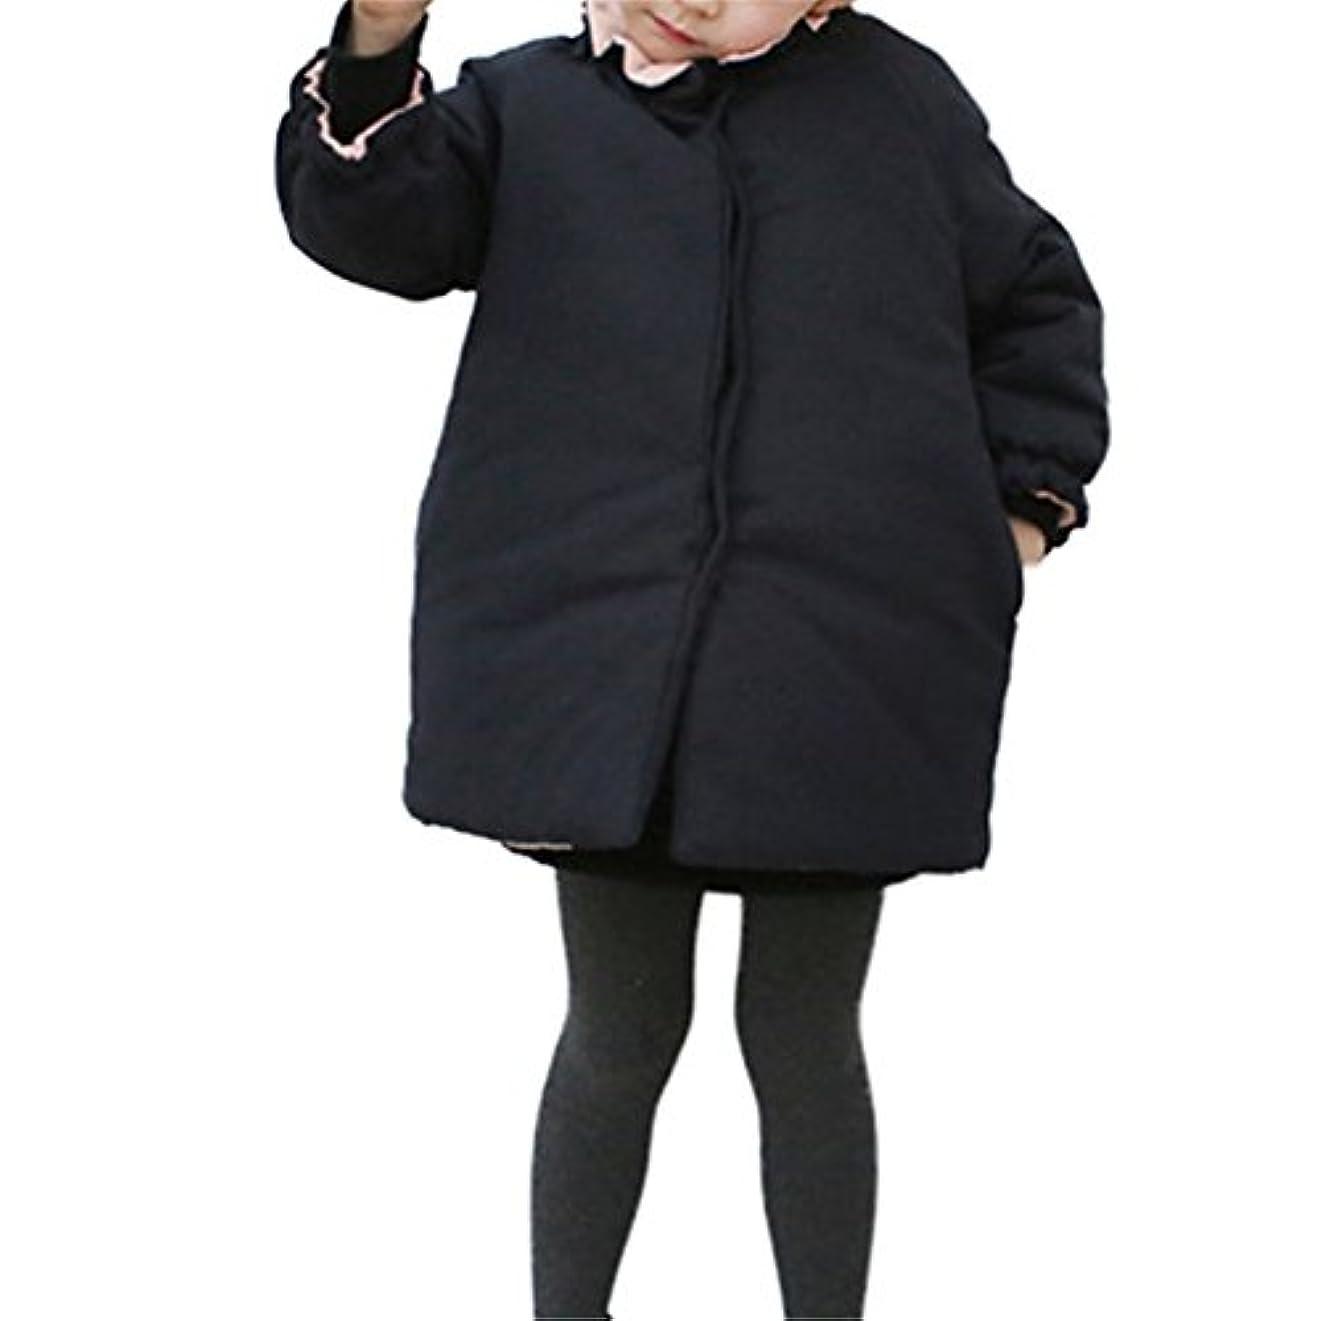 チャップ法医学アフリカHonghu春子供かわいいコート 綿服 初春防寒 子供服 カジュアル 韓国風 100cmから165cmまでそろいます